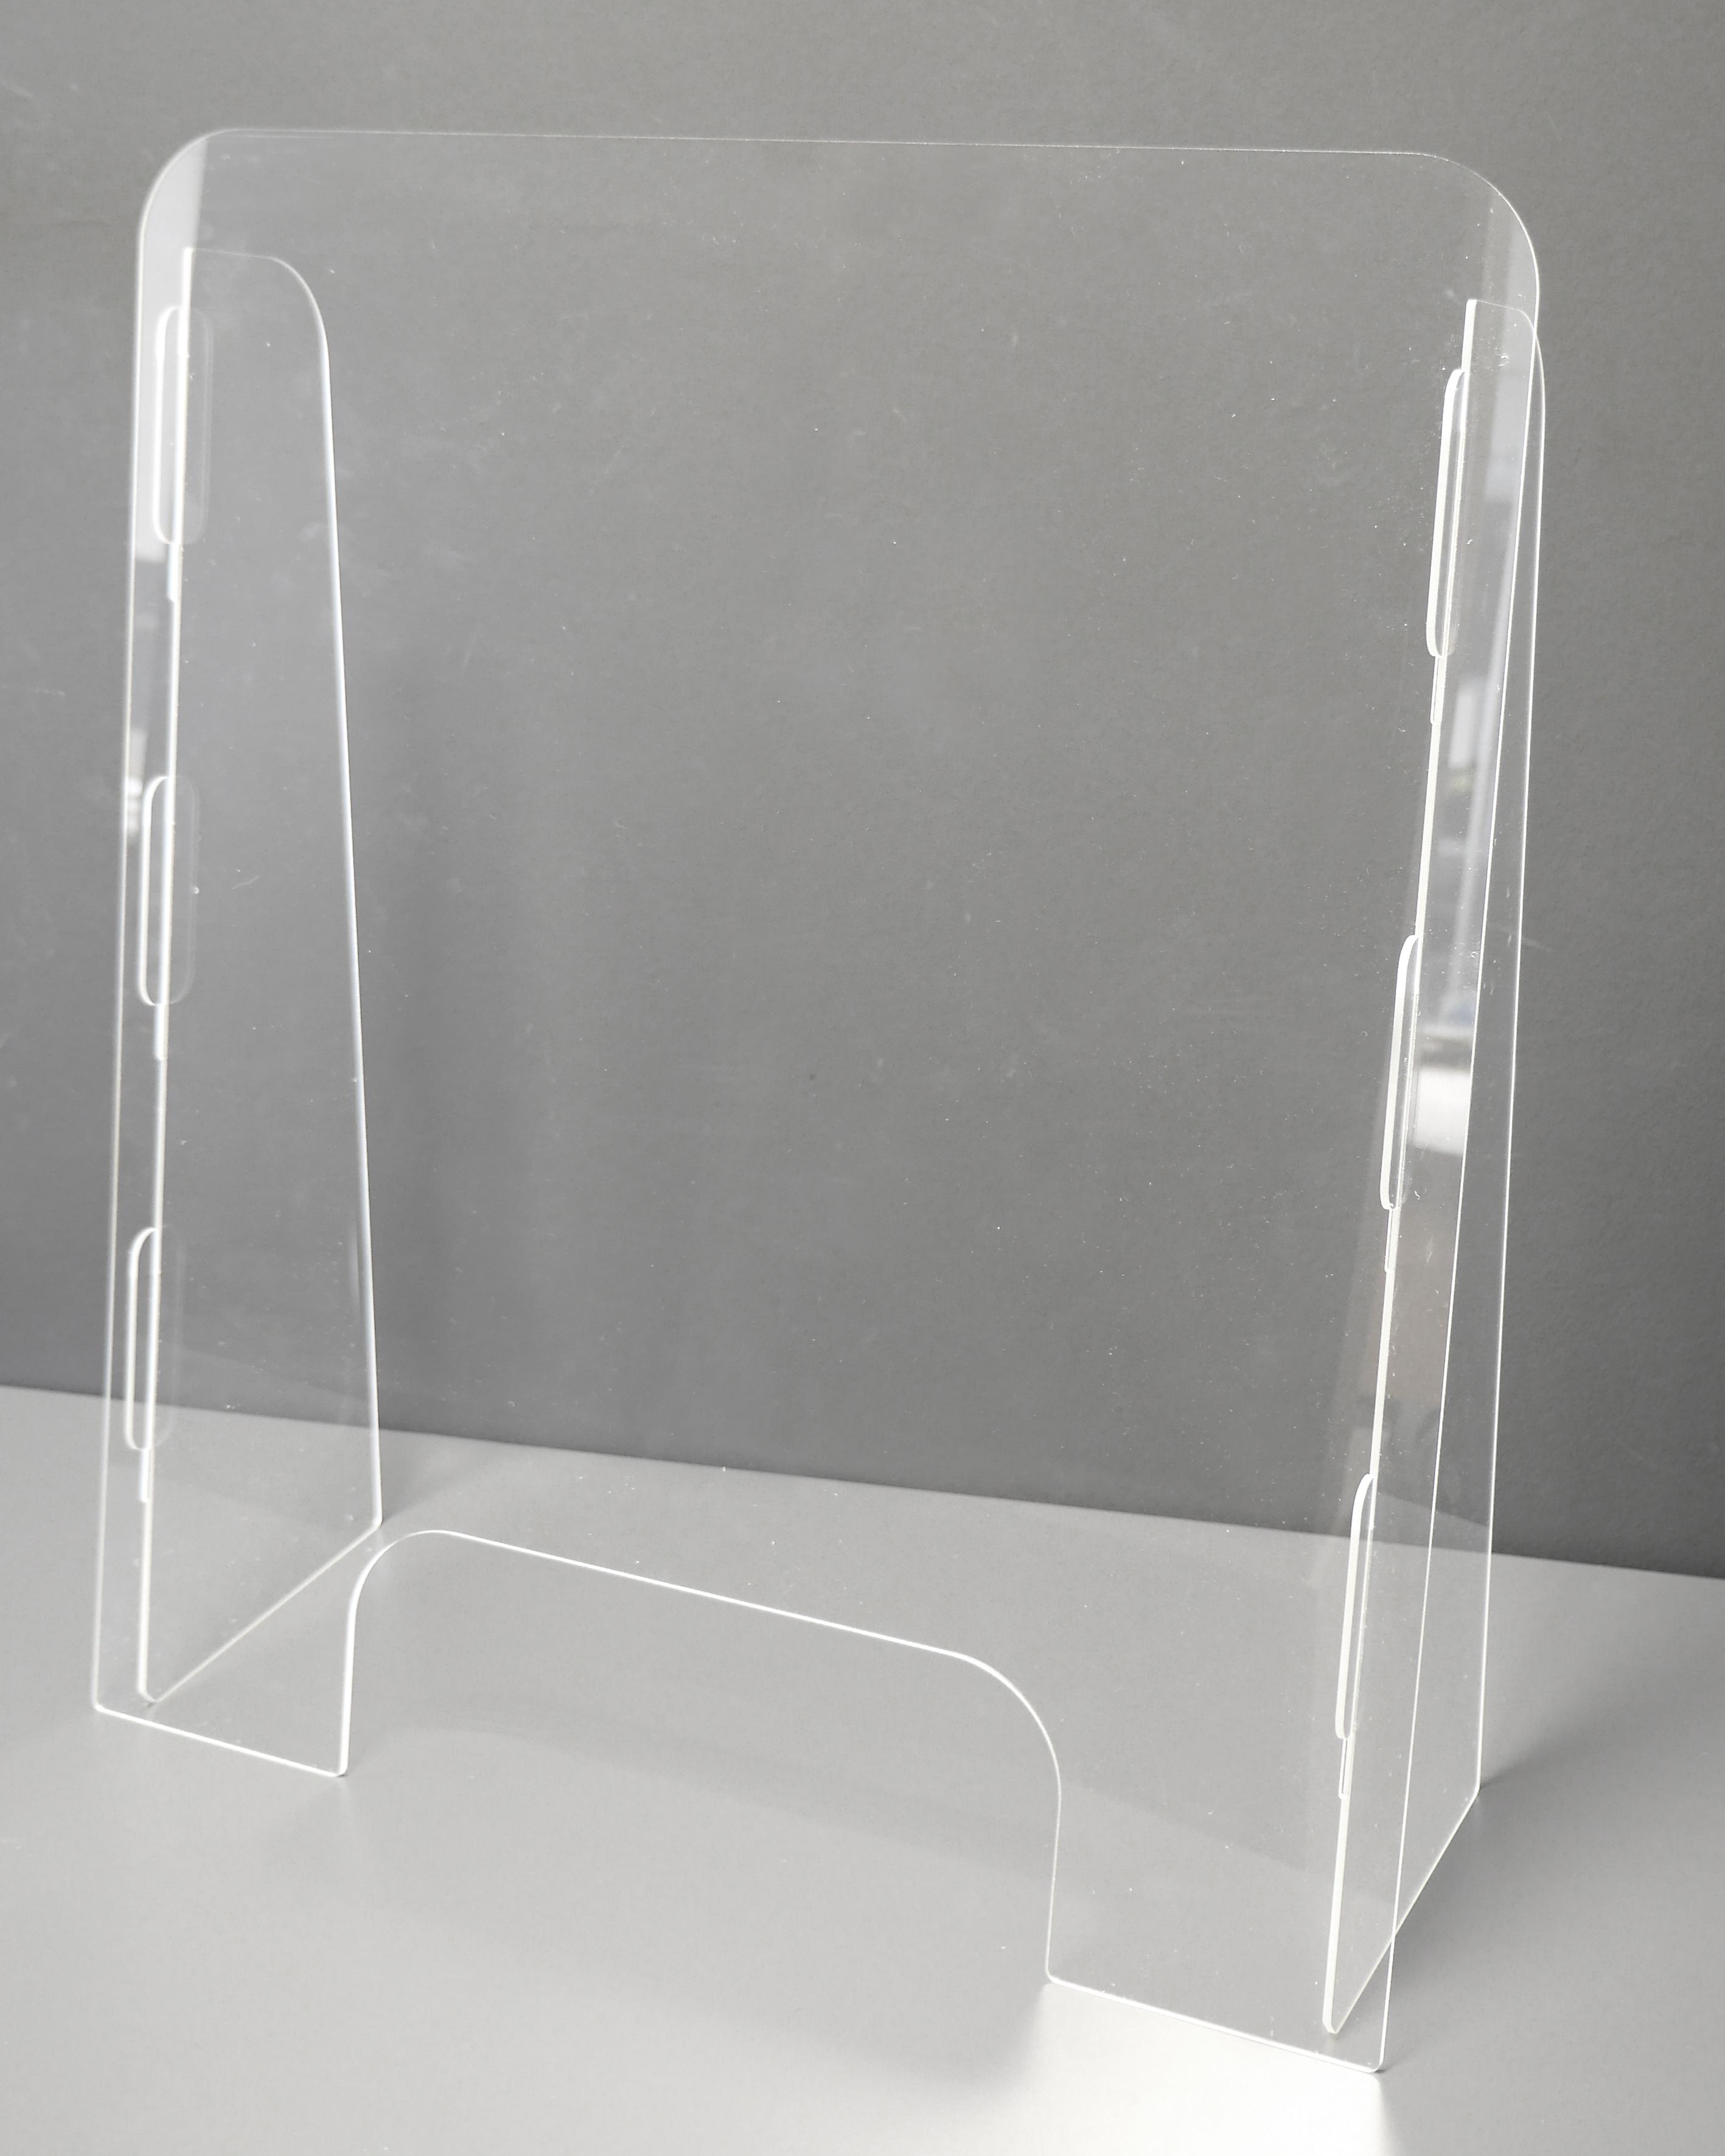 Mobile Kontakt- und Hygieneschutzwand -TOP Modul M